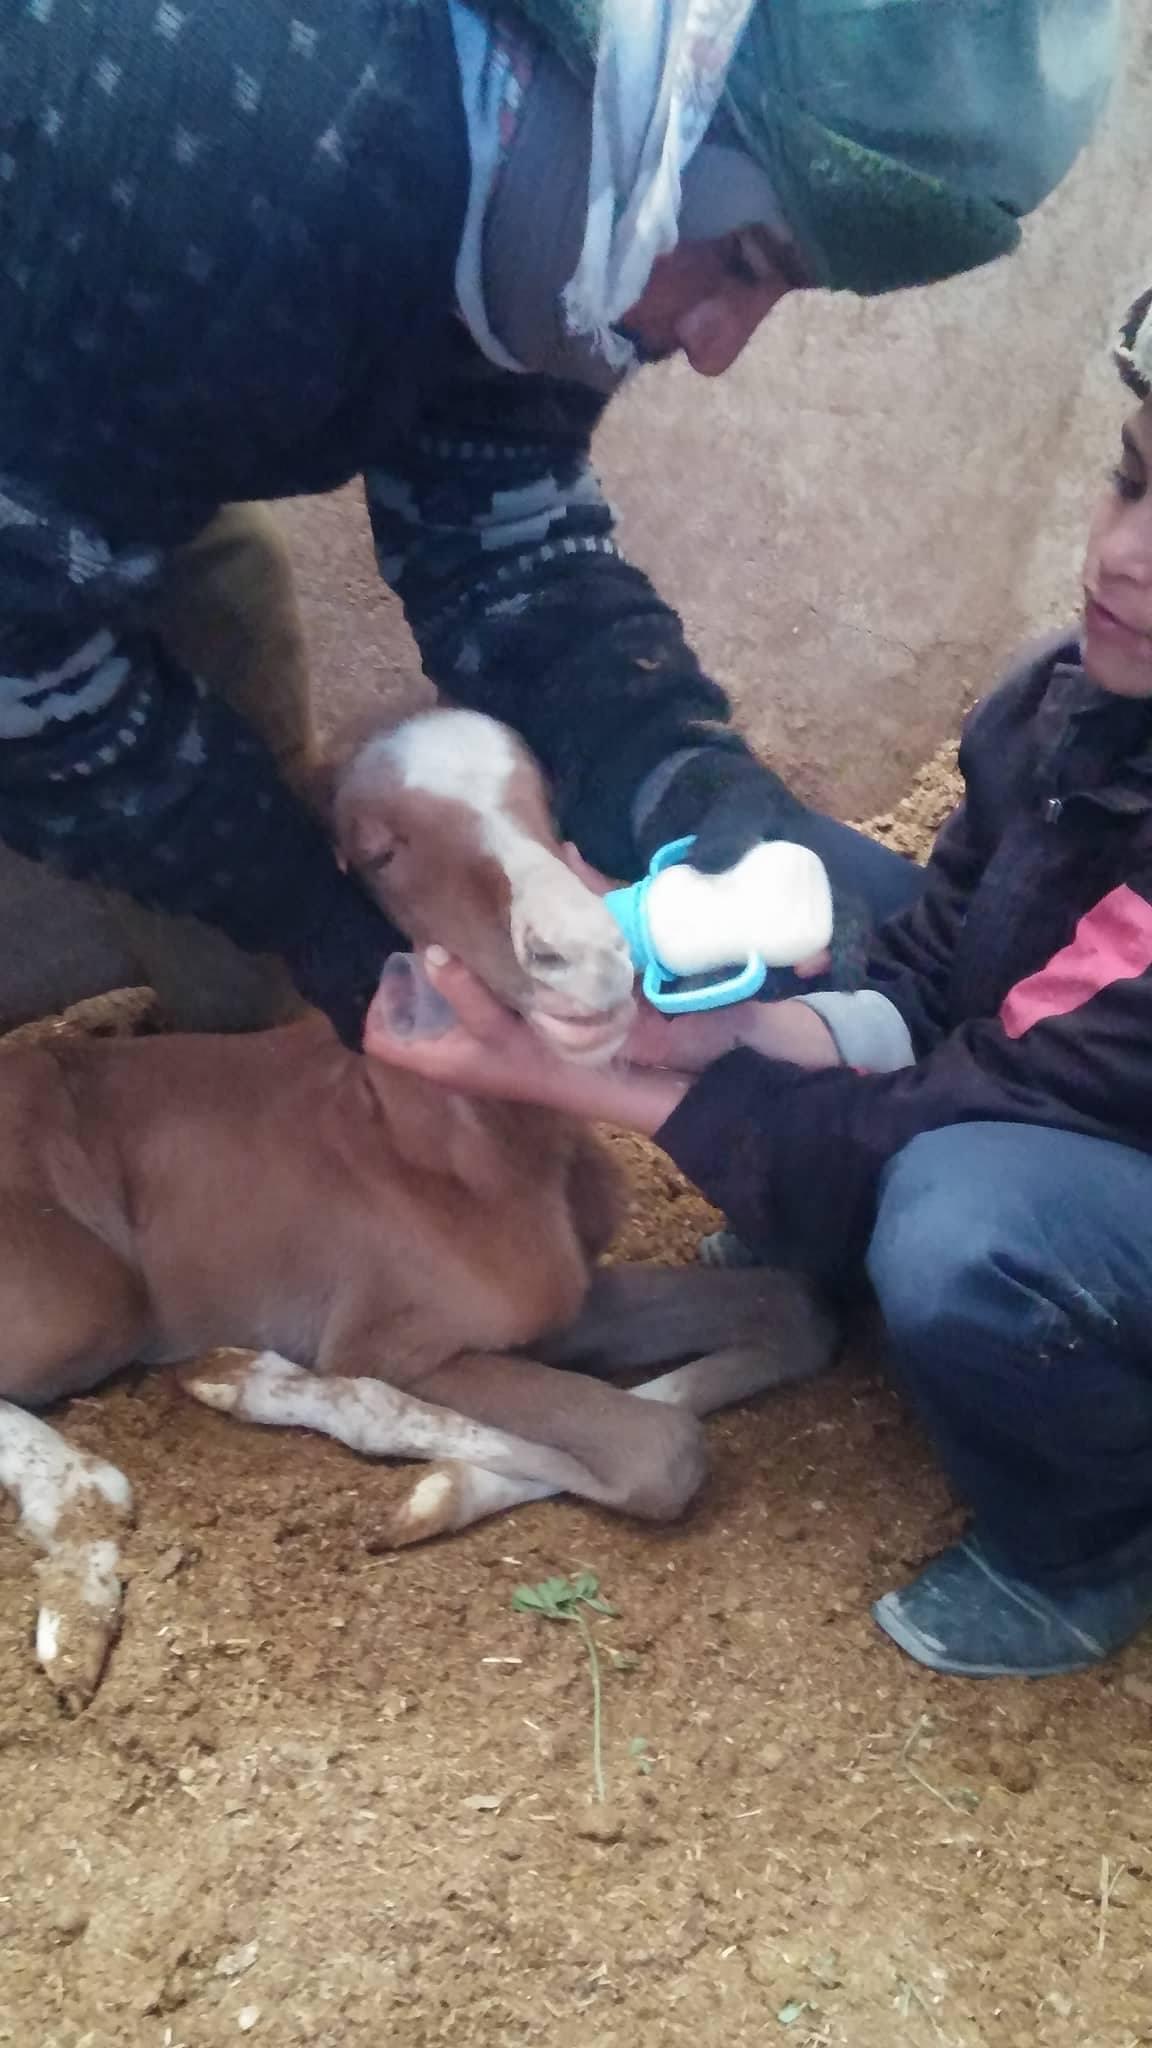 Dhamar feeding foal with difficulty OWAPAR 21 dec 2017 Yemen Rescue.jpg